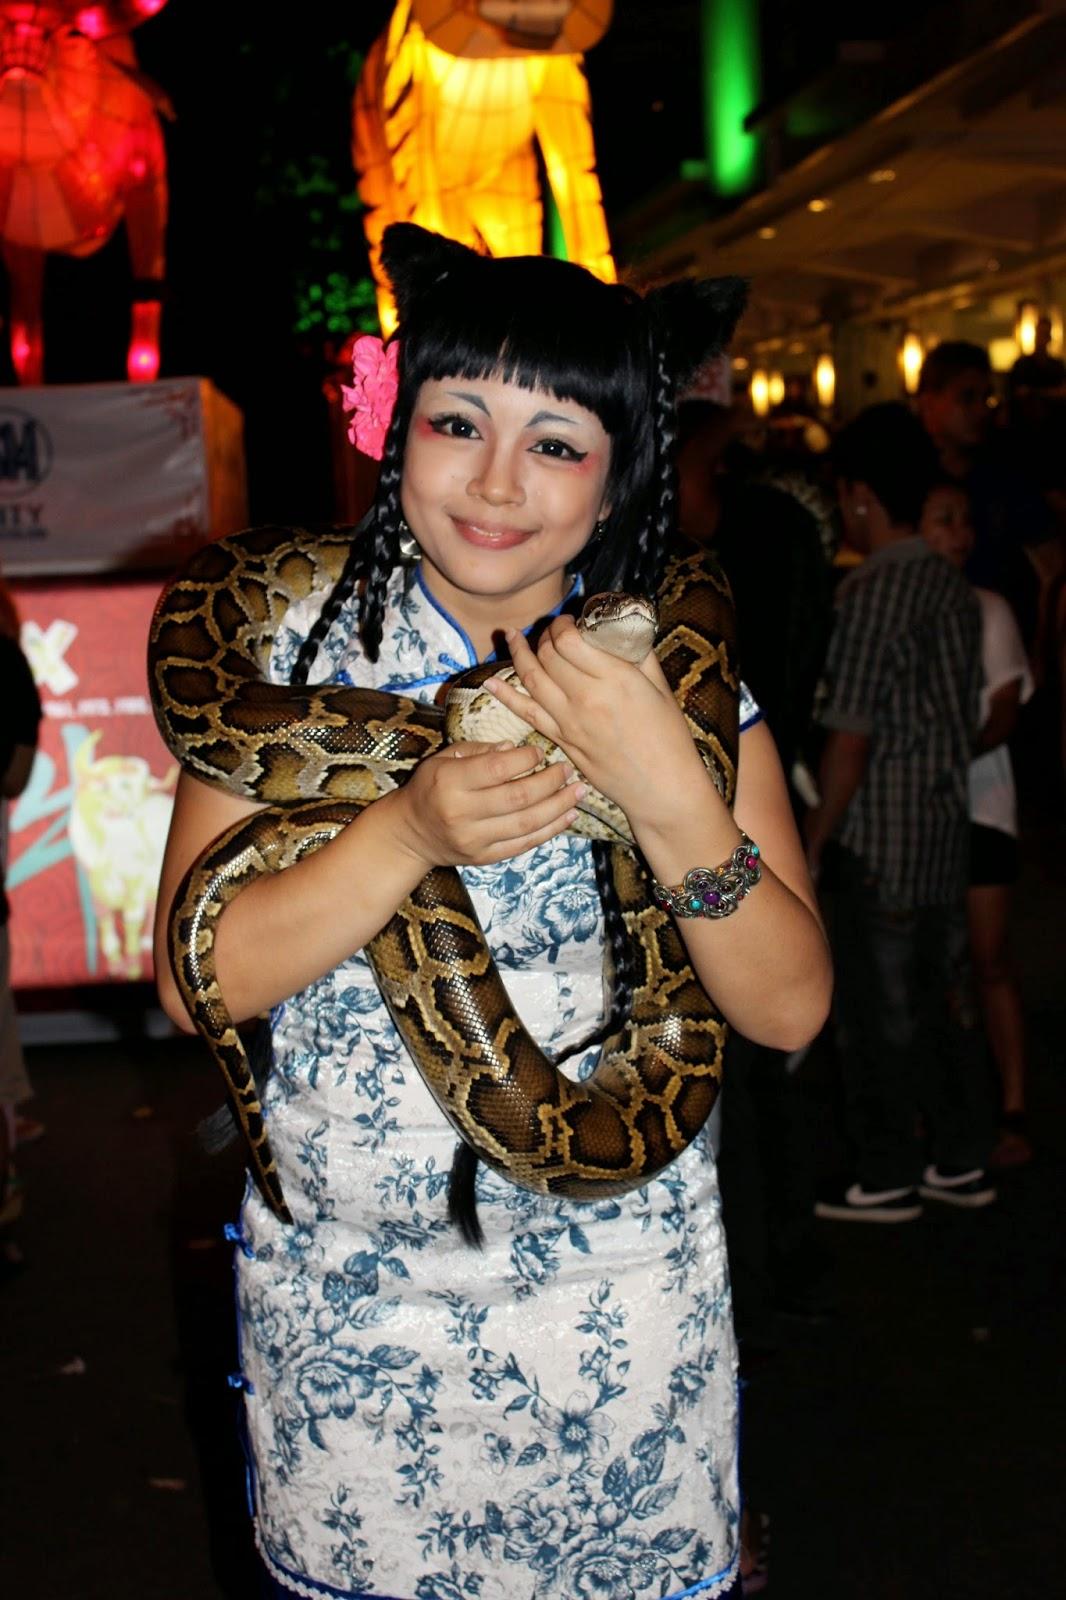 Lara Novales likes snakes